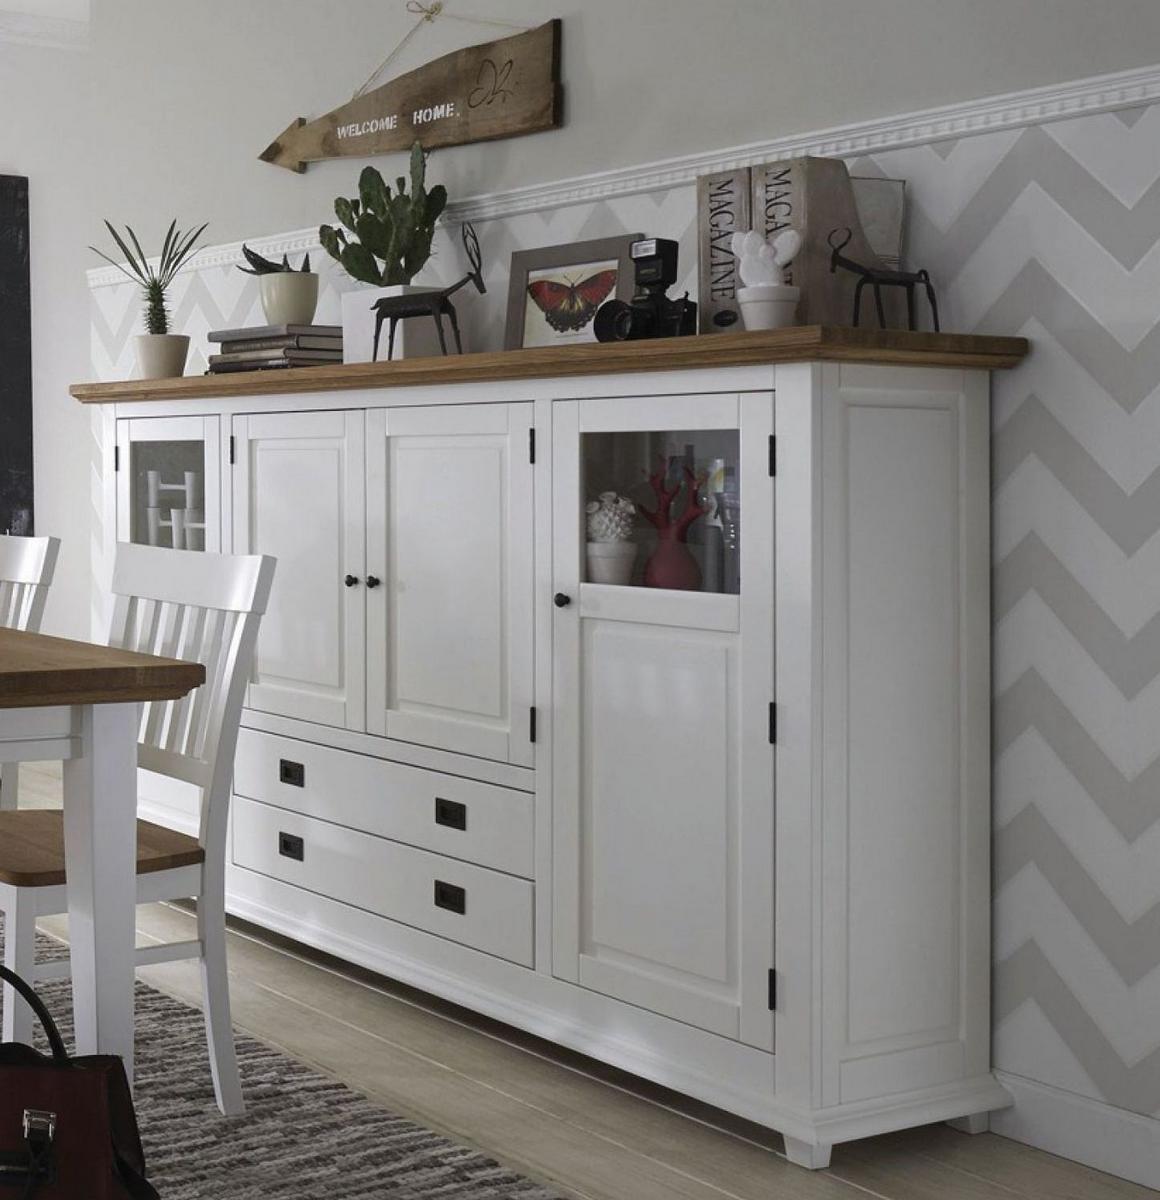 highboard wohnzimmerm bel wei wildeiche 4 t rig roxanne. Black Bedroom Furniture Sets. Home Design Ideas